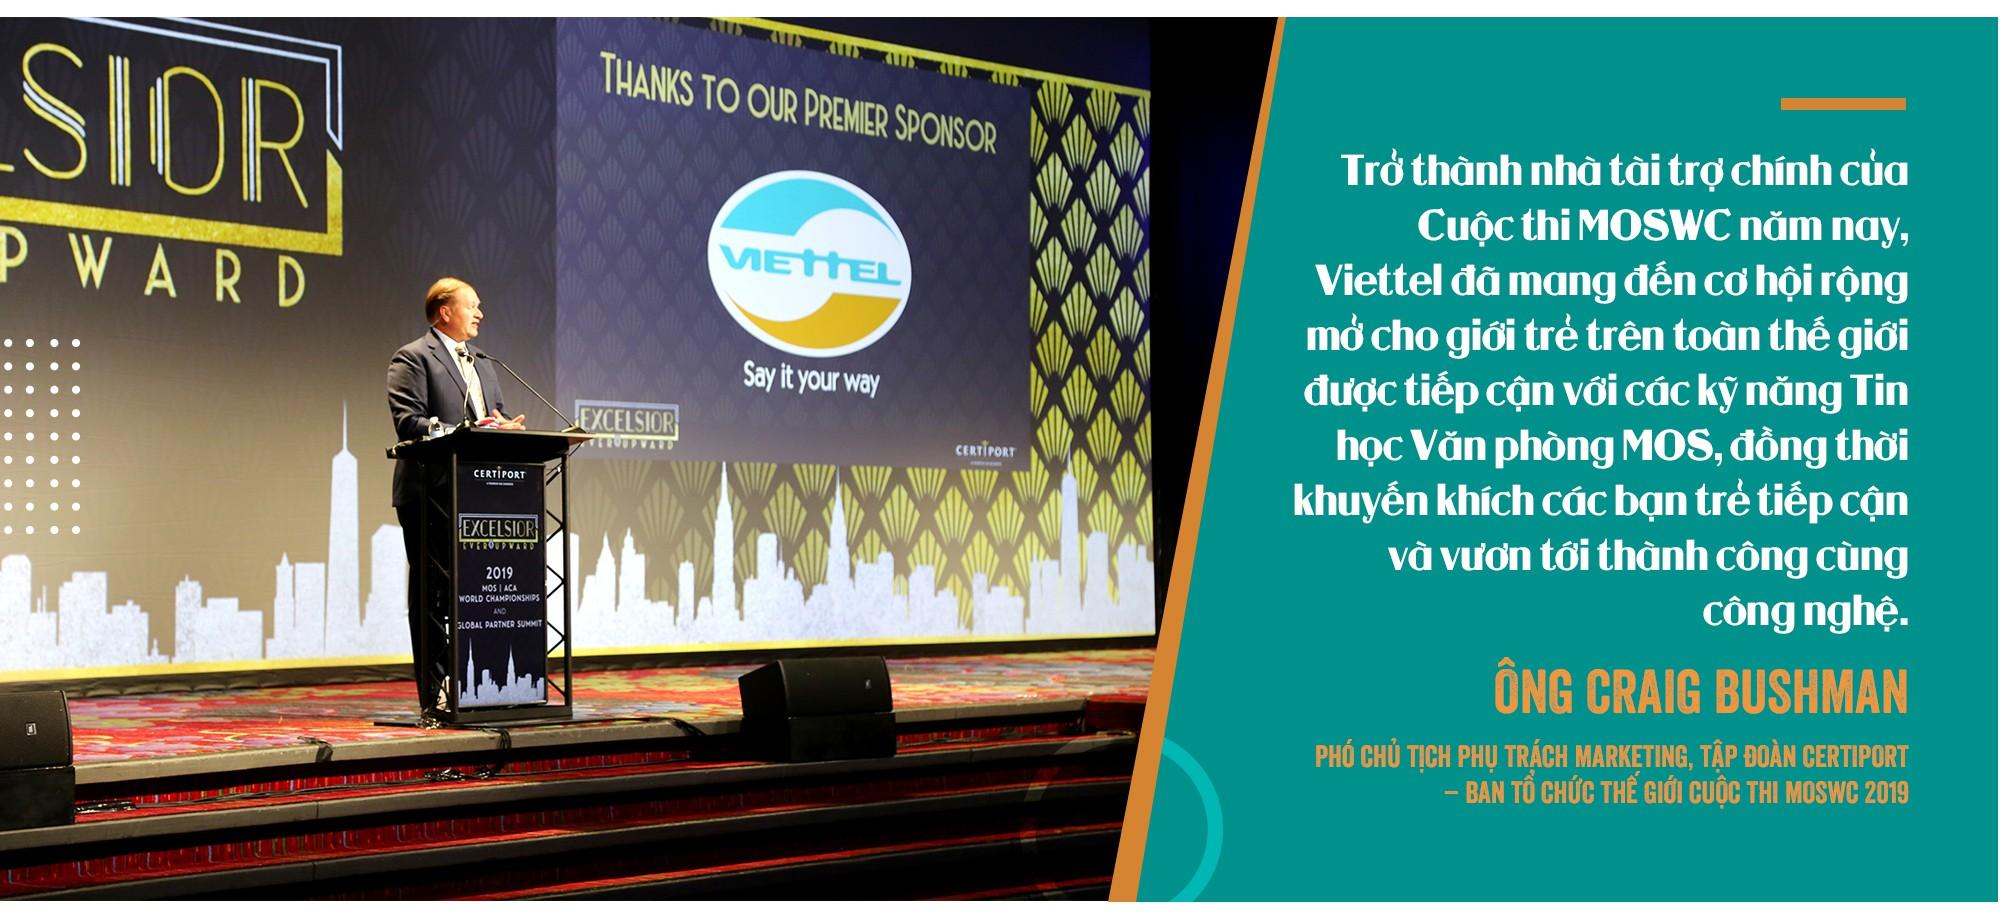 """Hình thành nên thế hệ """"công dân toàn cầu"""" và bài toán đường dài của Tập đoàn công nghệ hàng đầu Việt Nam - Ảnh 7."""